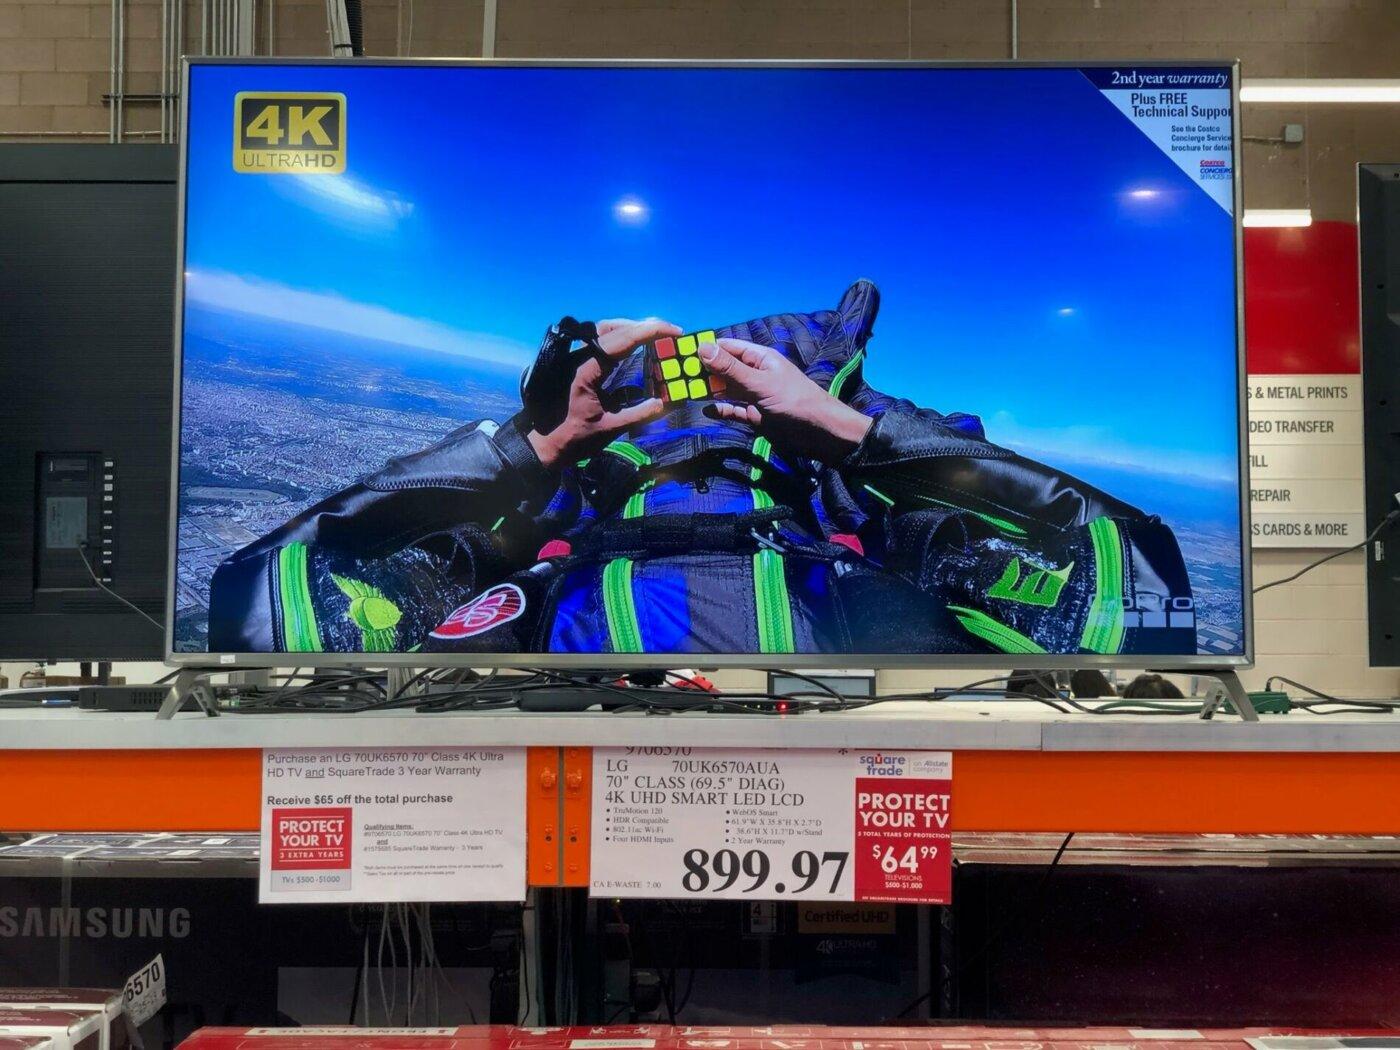 LG-TV-70UK6570AUA-9706570